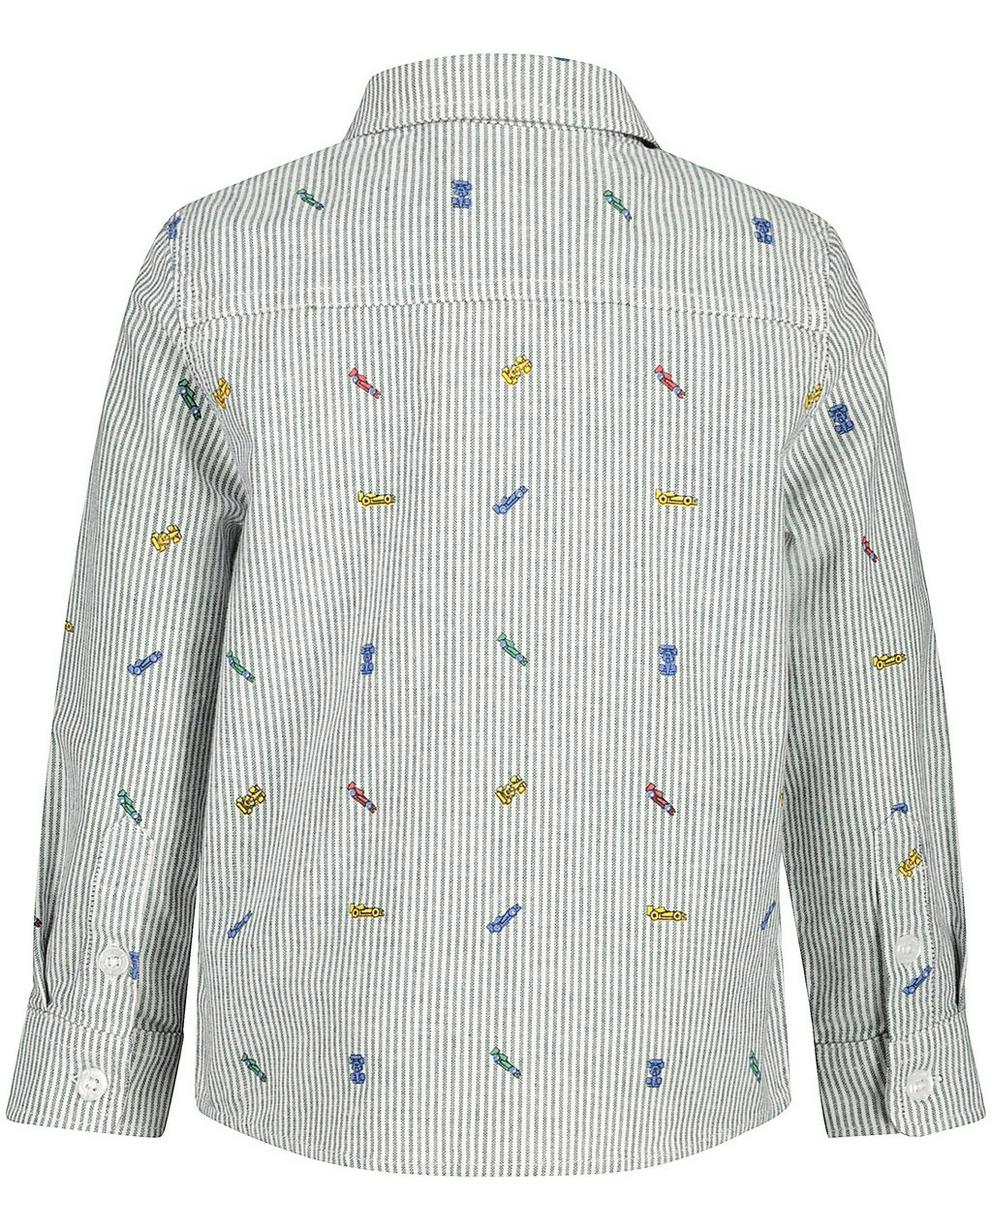 Hemden - AO1 - Gestreiftes Hemd mit Auto-Print